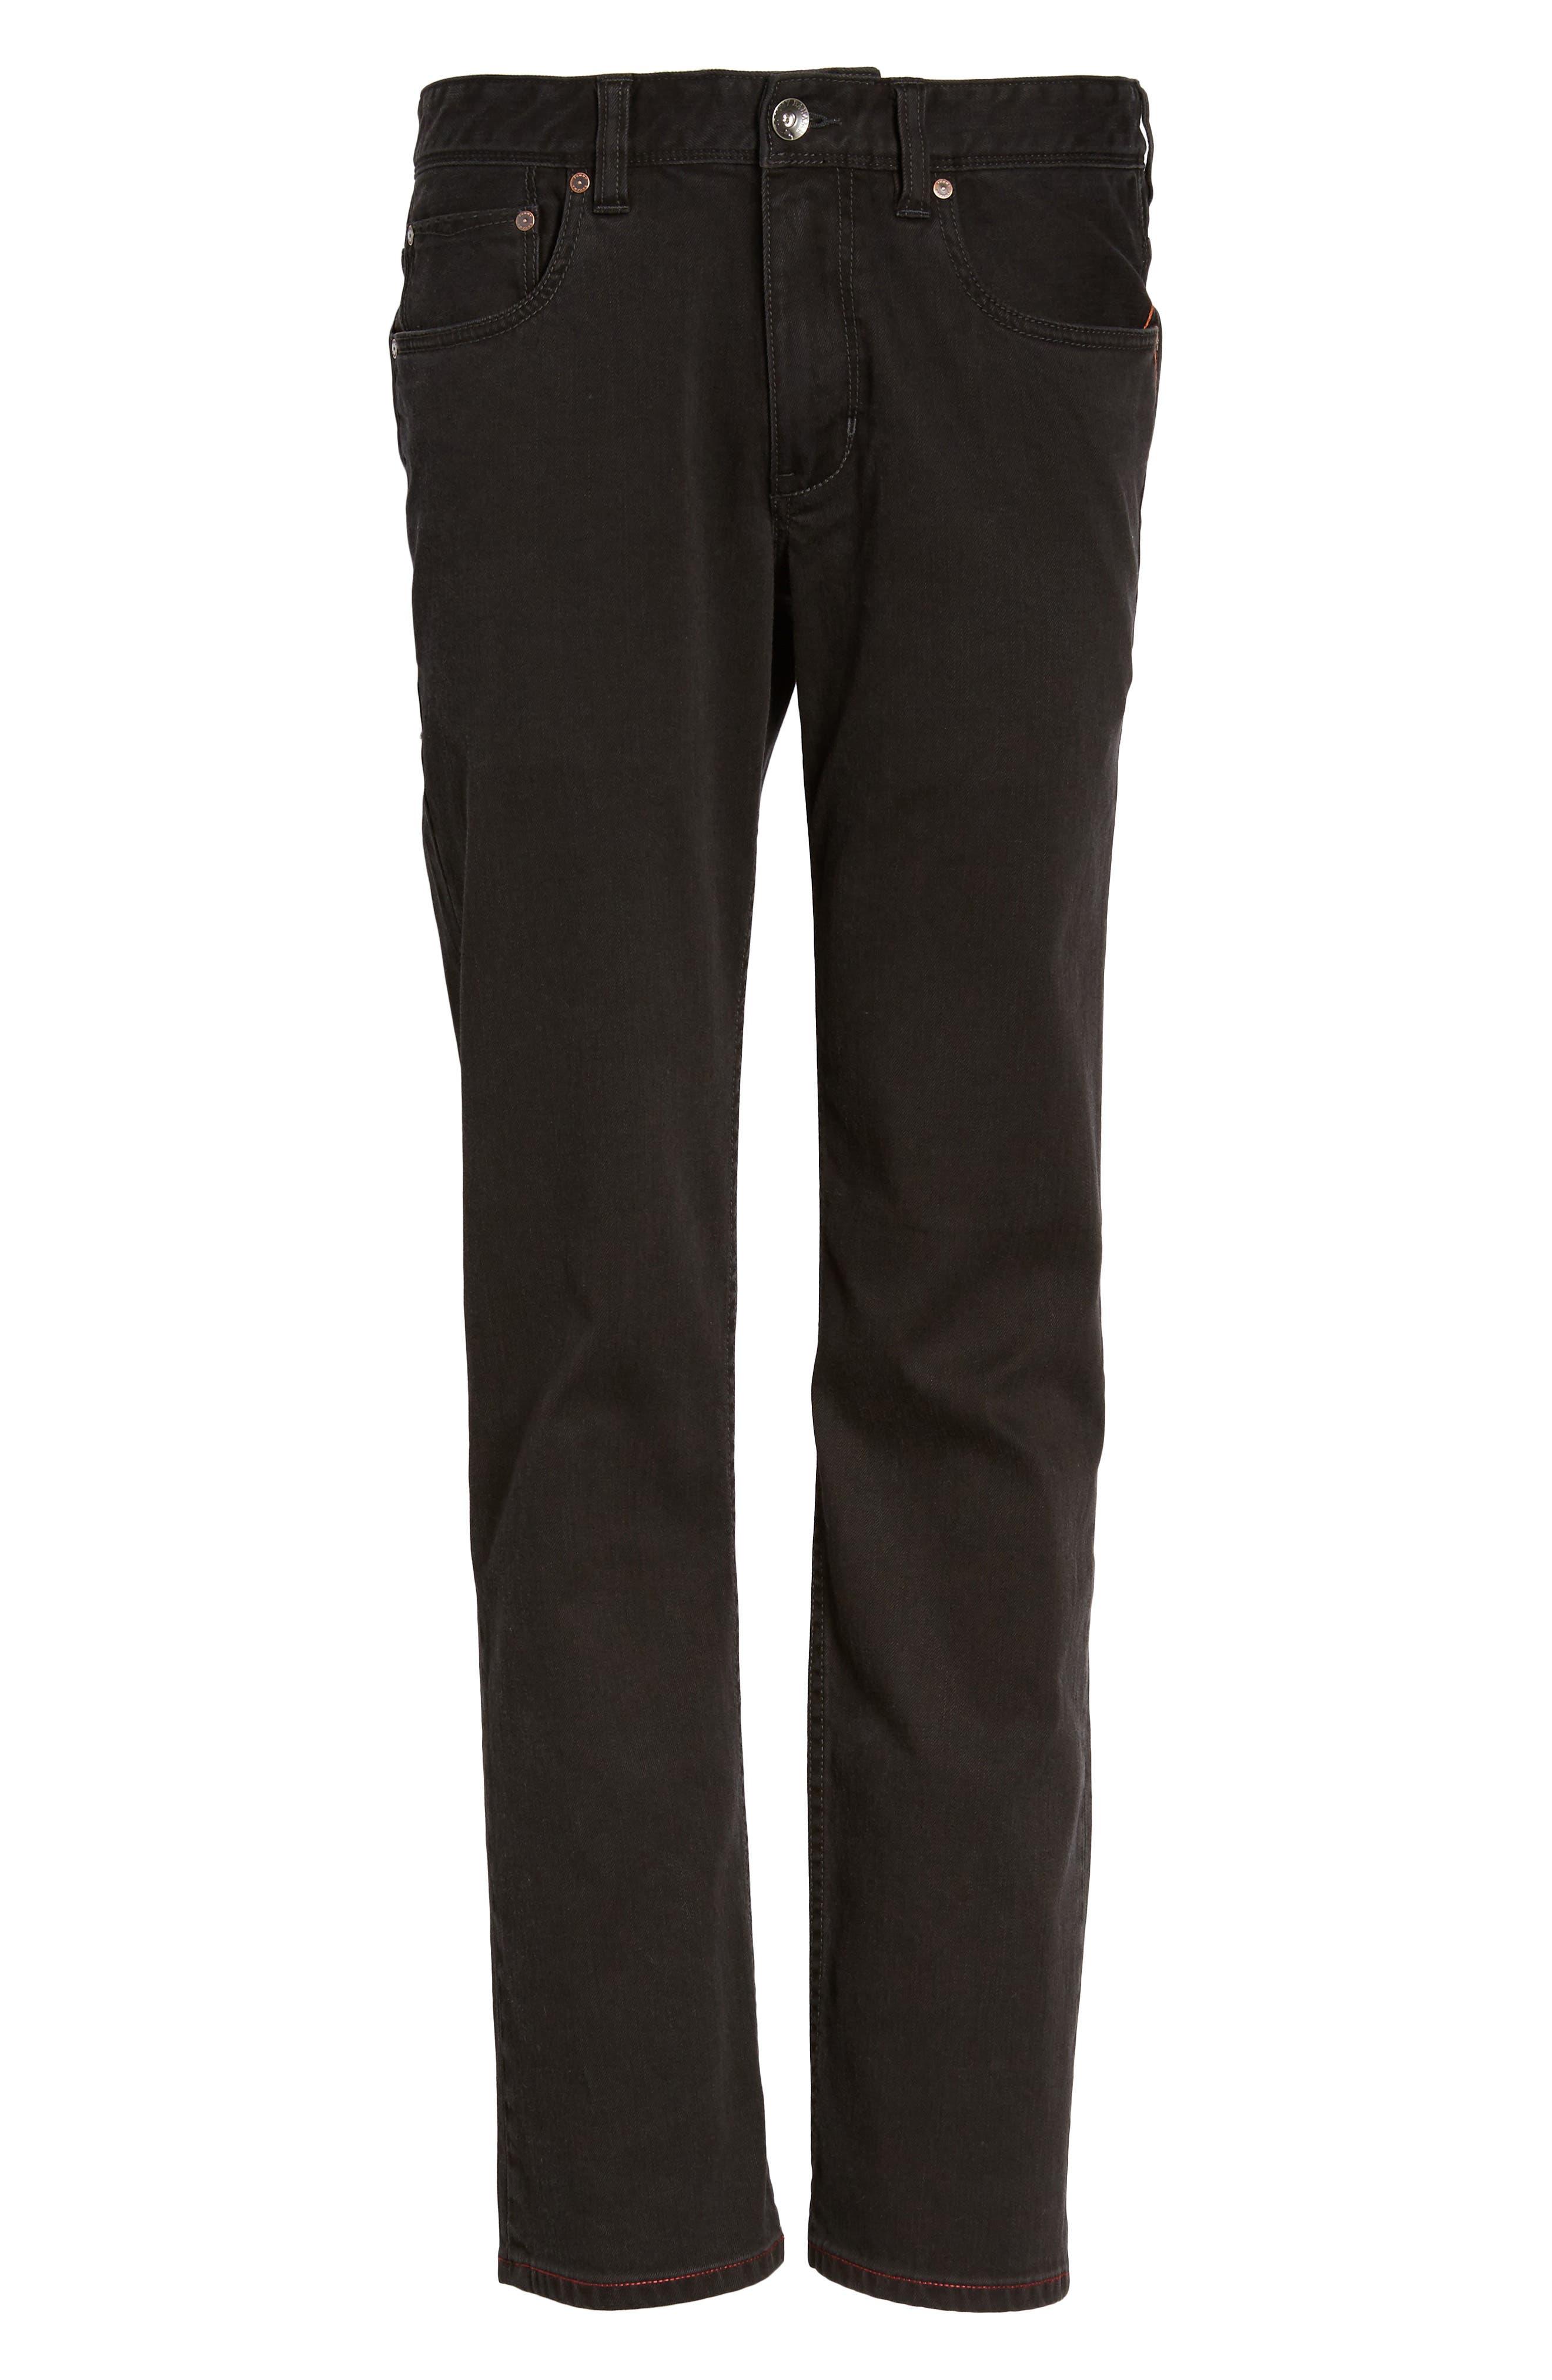 Sand Drifter Straight Leg Jeans,                             Alternate thumbnail 6, color,                             001